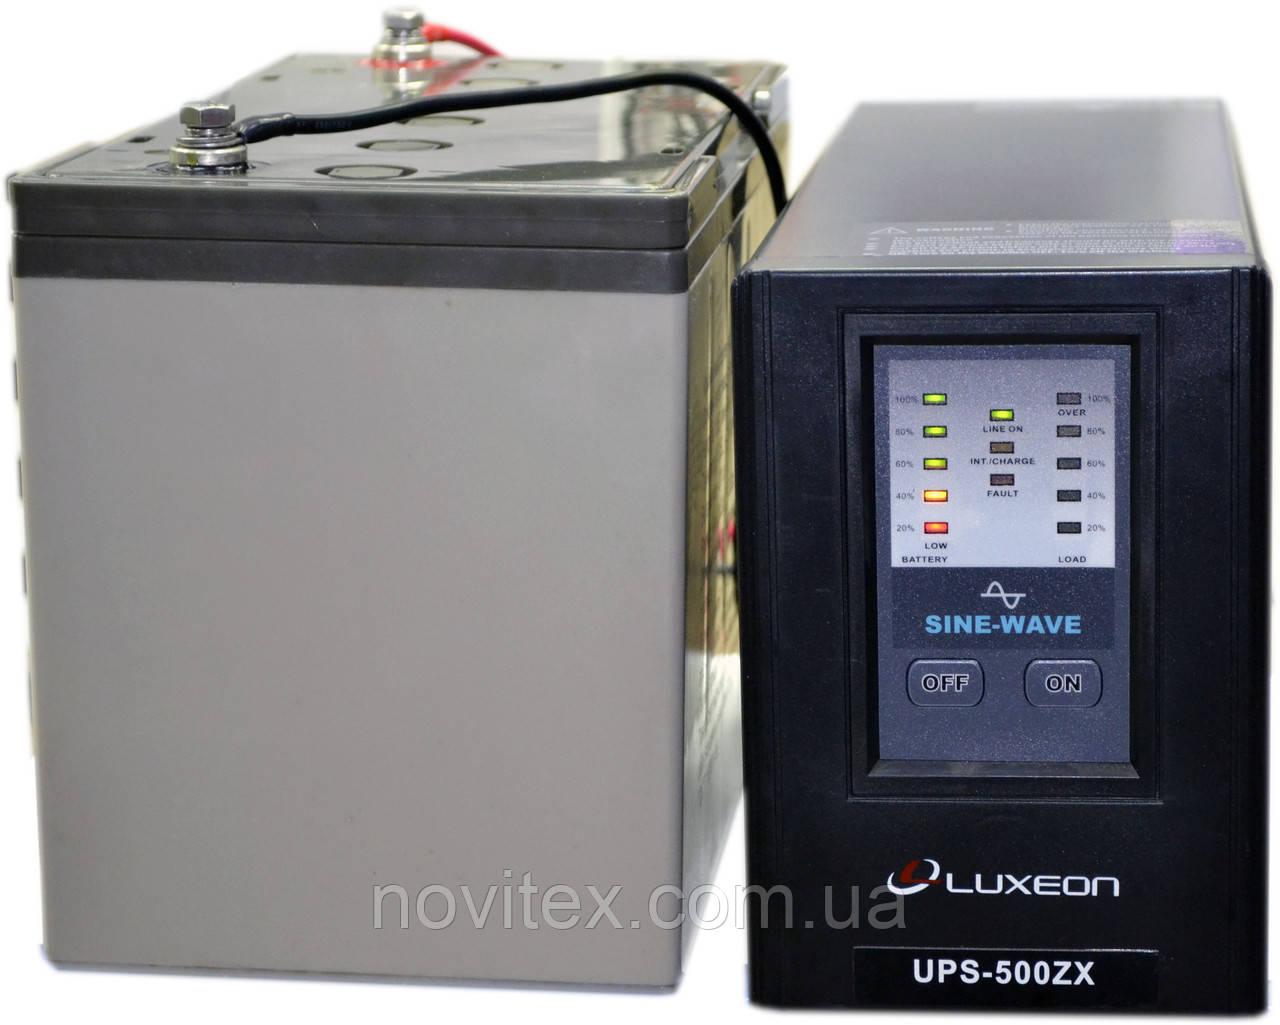 Комплект резервного питания ИБП Luxeon UPS-500ZX + АКБ Vimar BG110-12 110Ah для 8-13ч работы газового котла